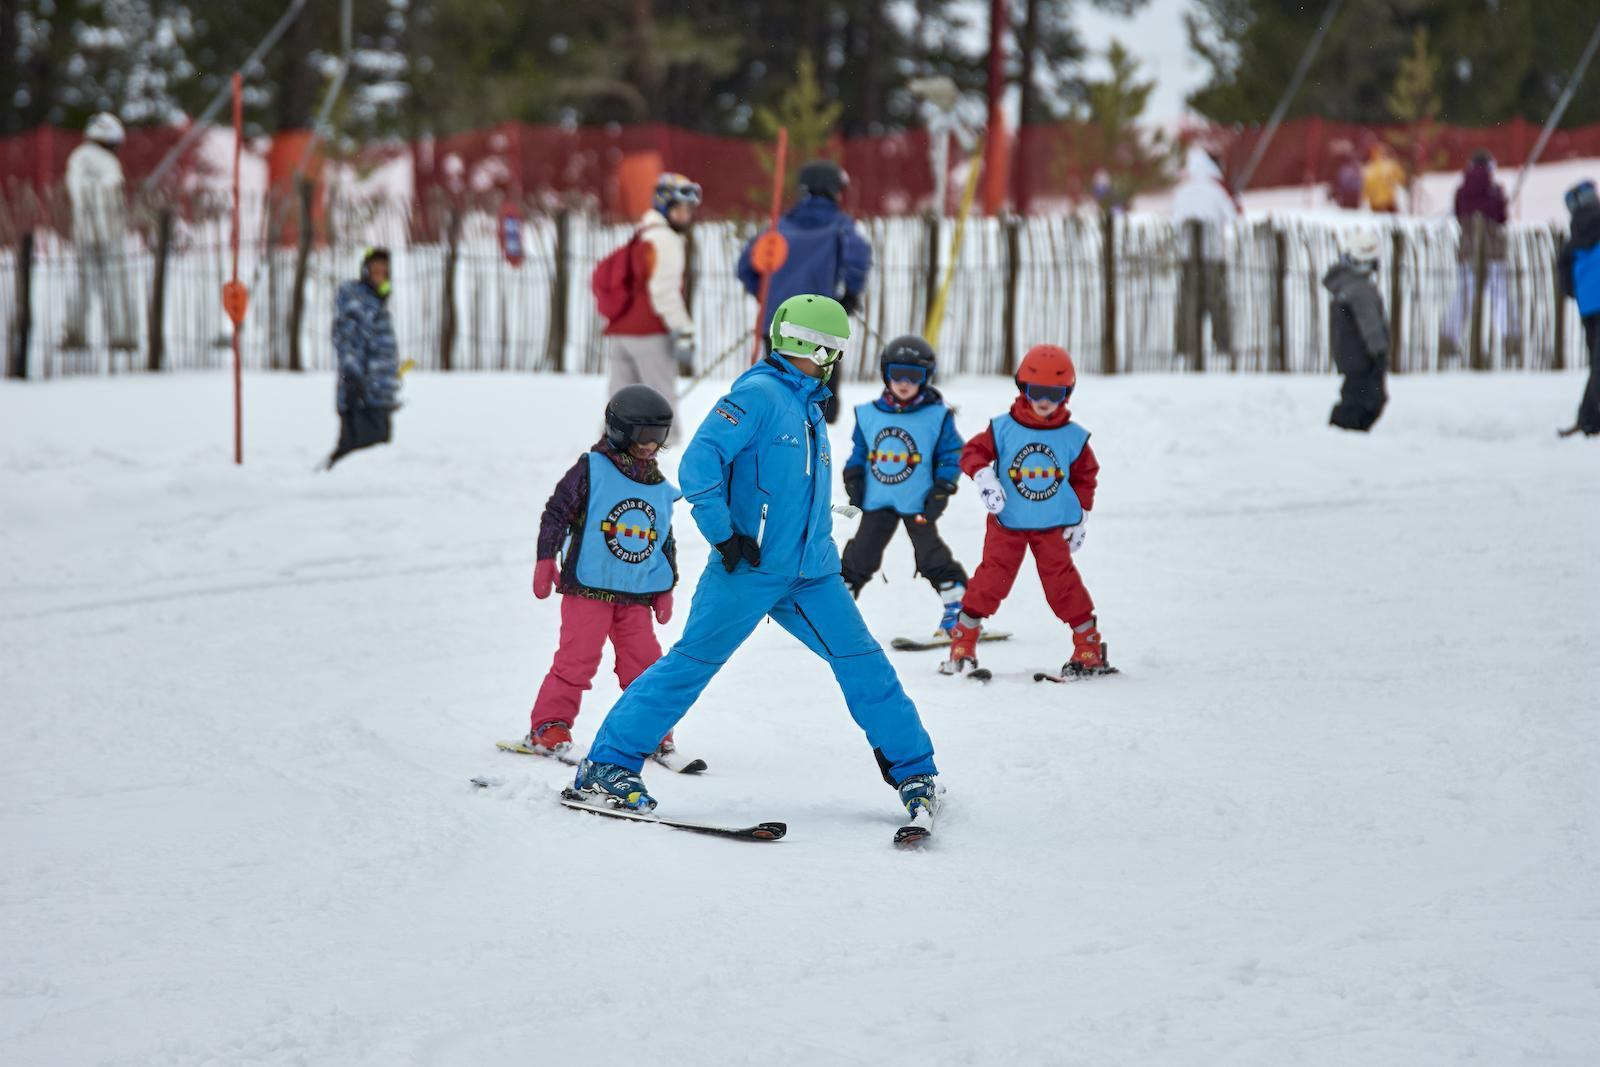 Curset d'esquí 5 dissabtes/diumenges a Port del Comte